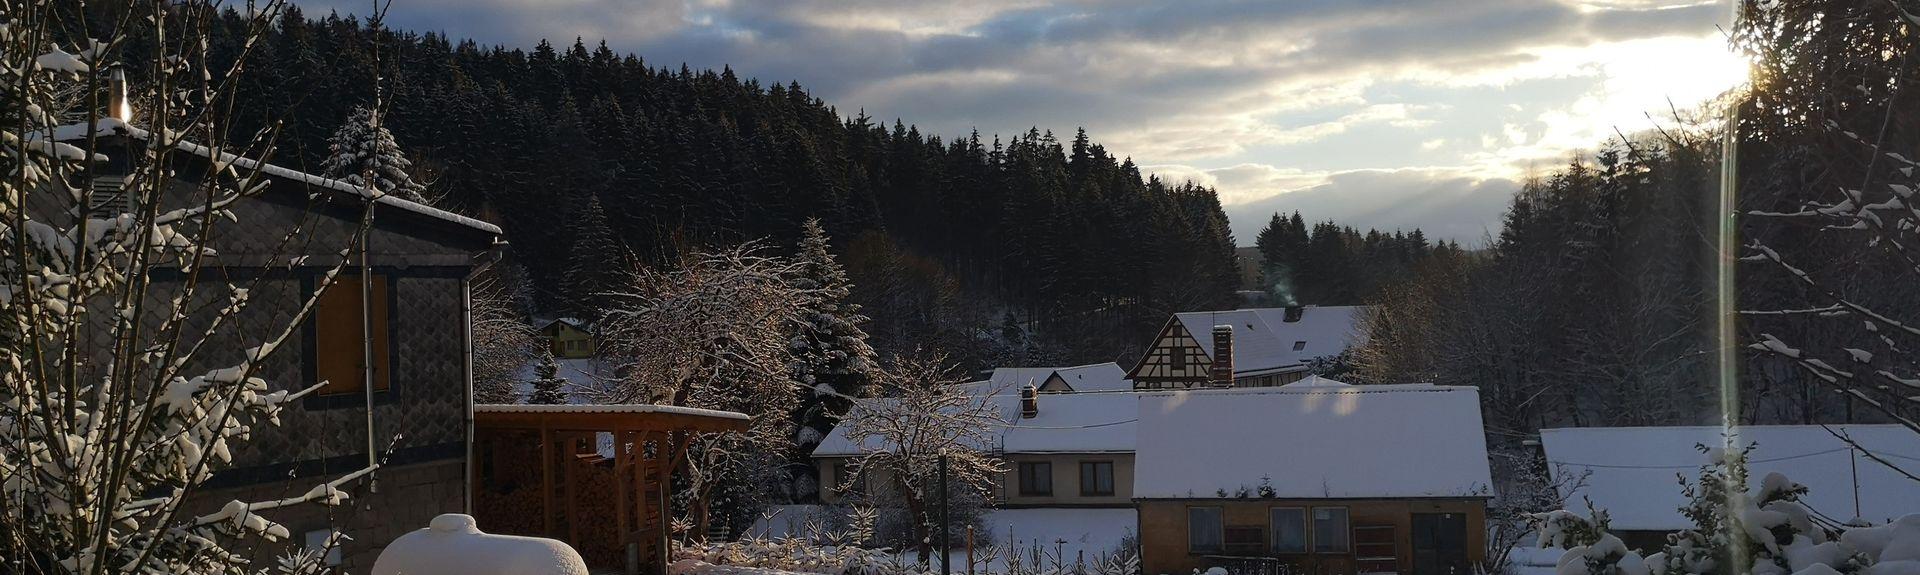 Ruhla, Thüringen, Duitsland